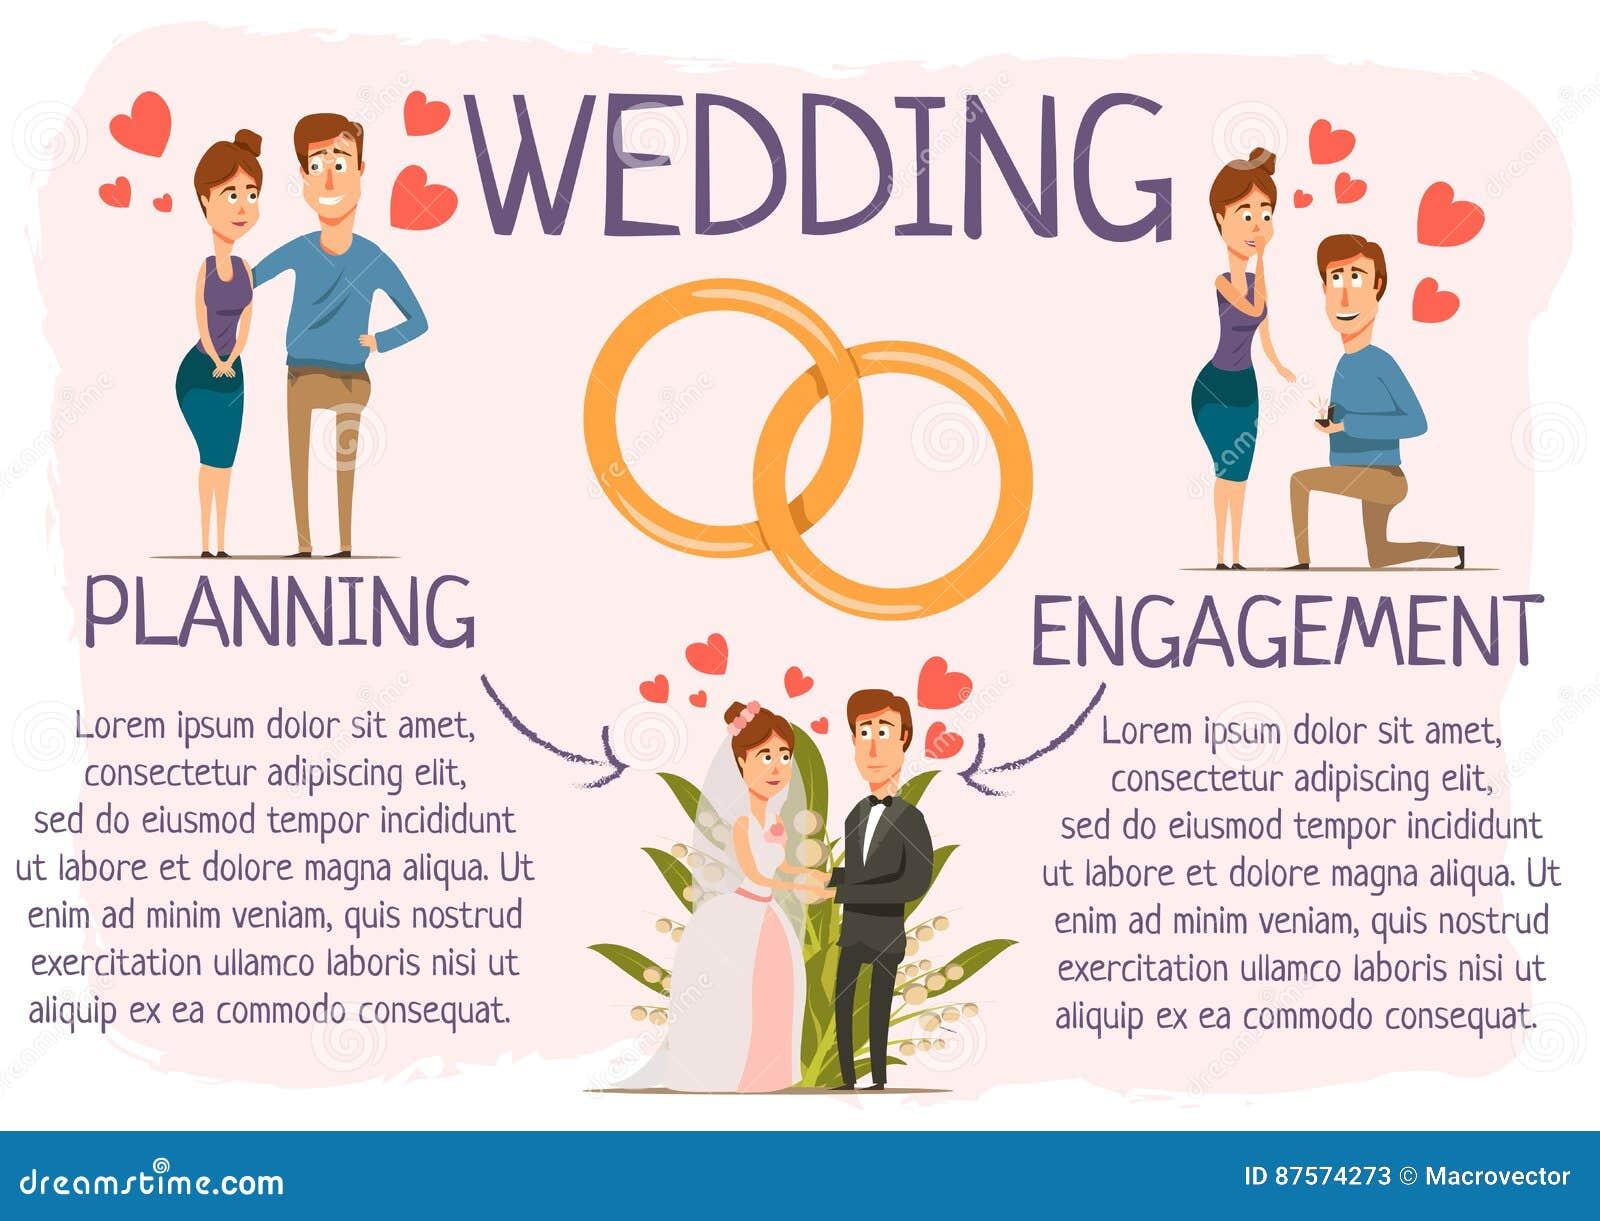 Qual è la fase tra datazione e fidanzamento